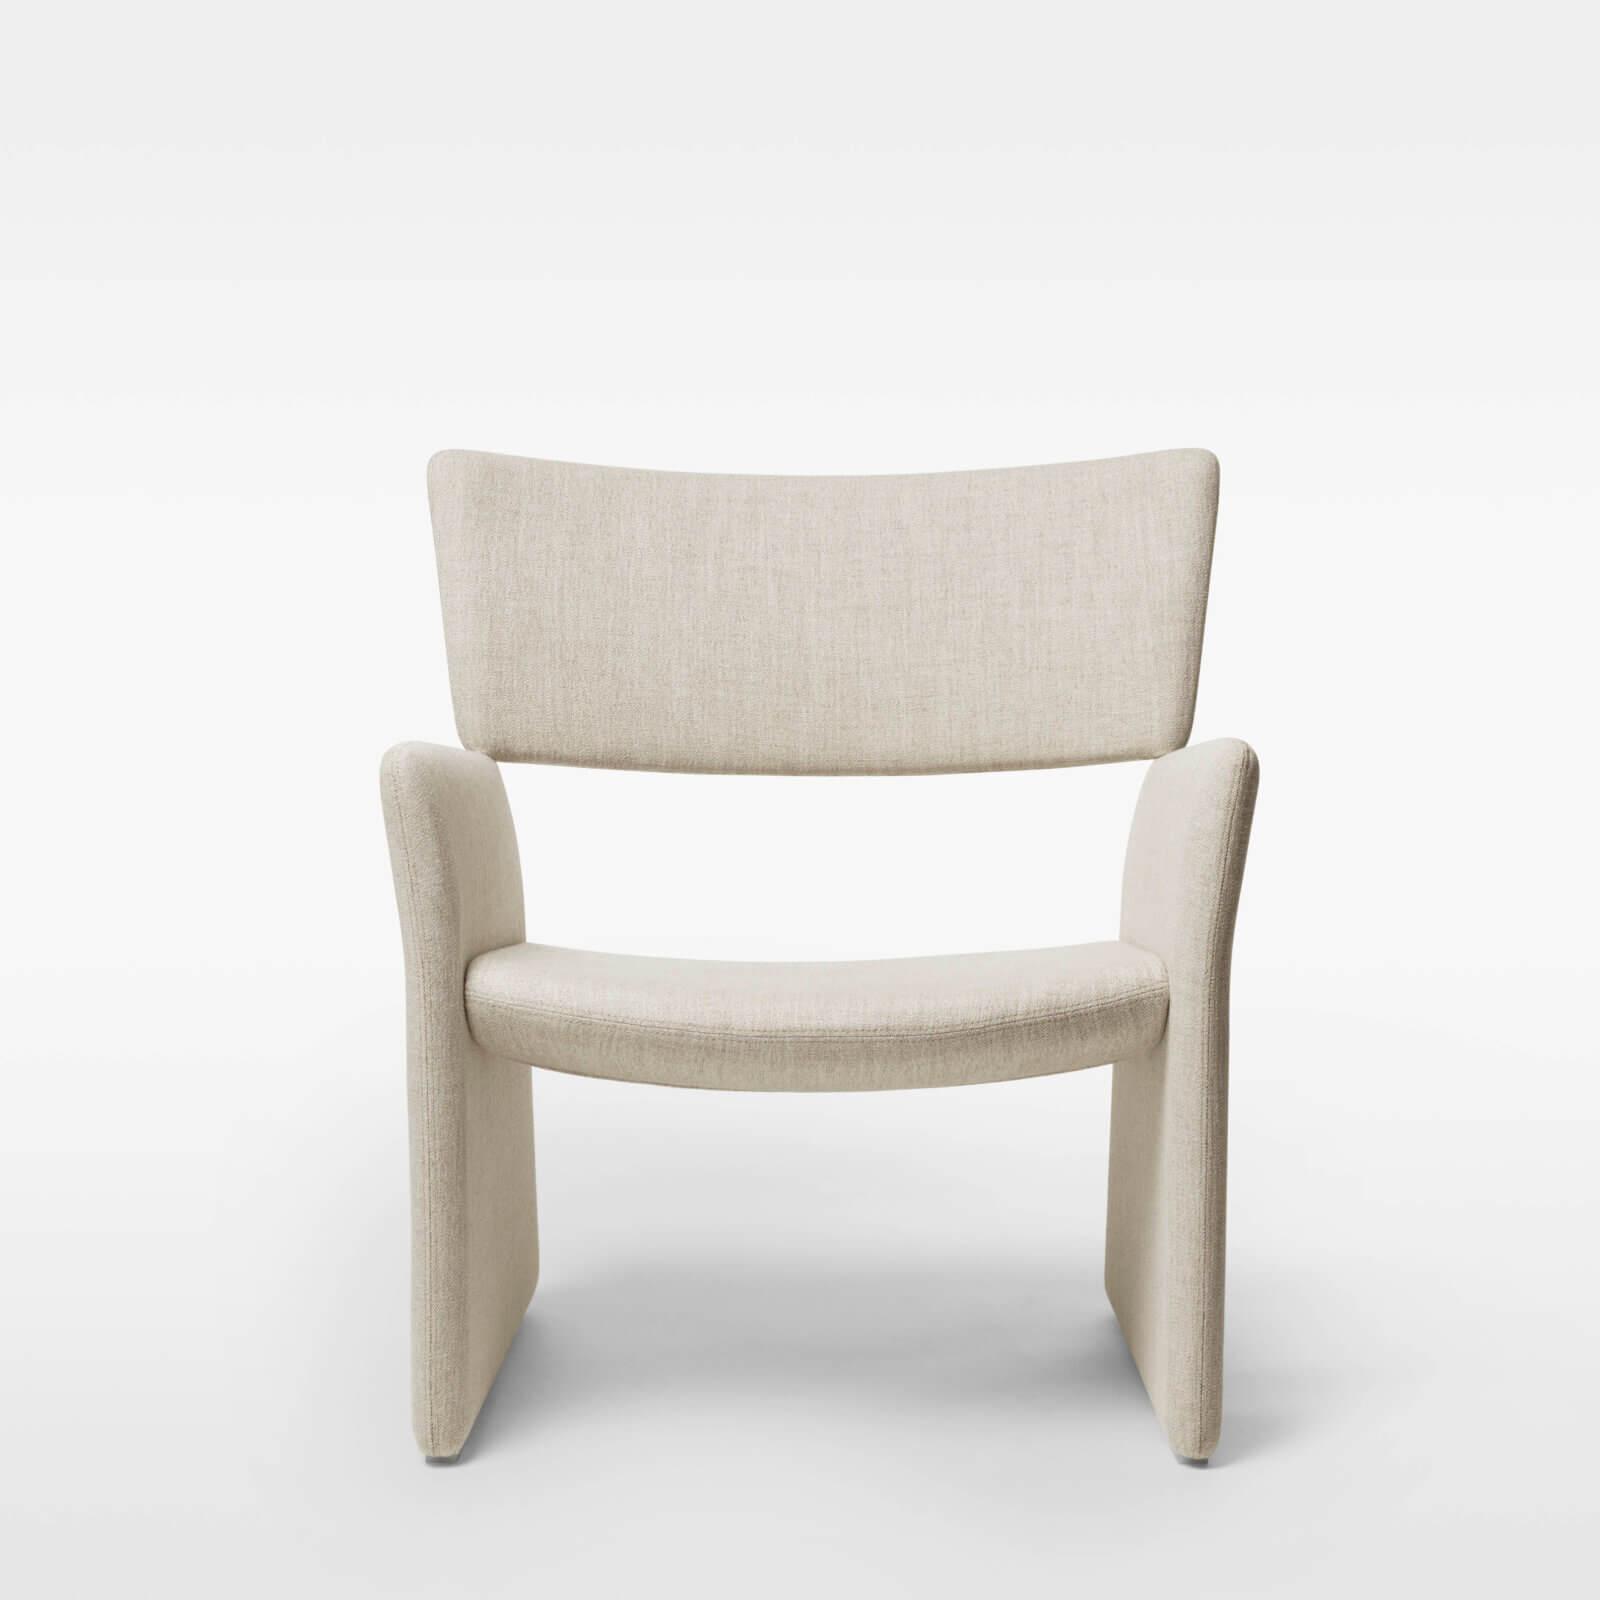 TinnappleMetz-massproductions-crown-armchair_04